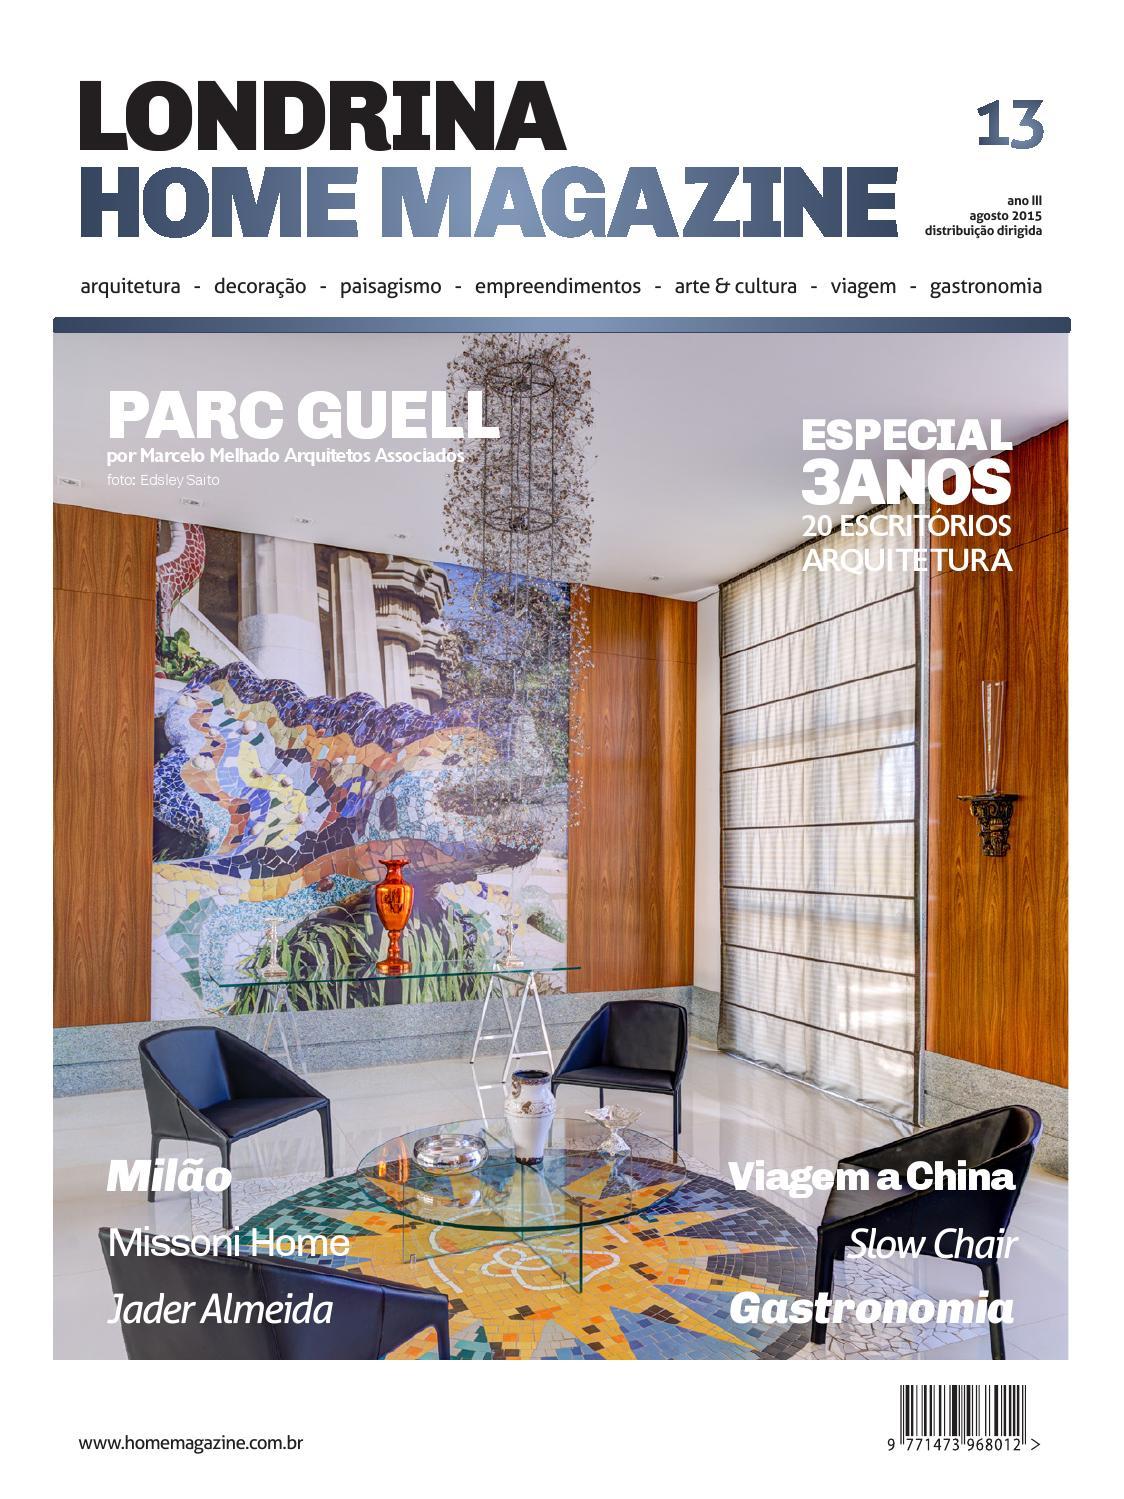 4ec80d016 Londrina Home edição de 3 anos Agosto 2015 by Home Magazine - issuu